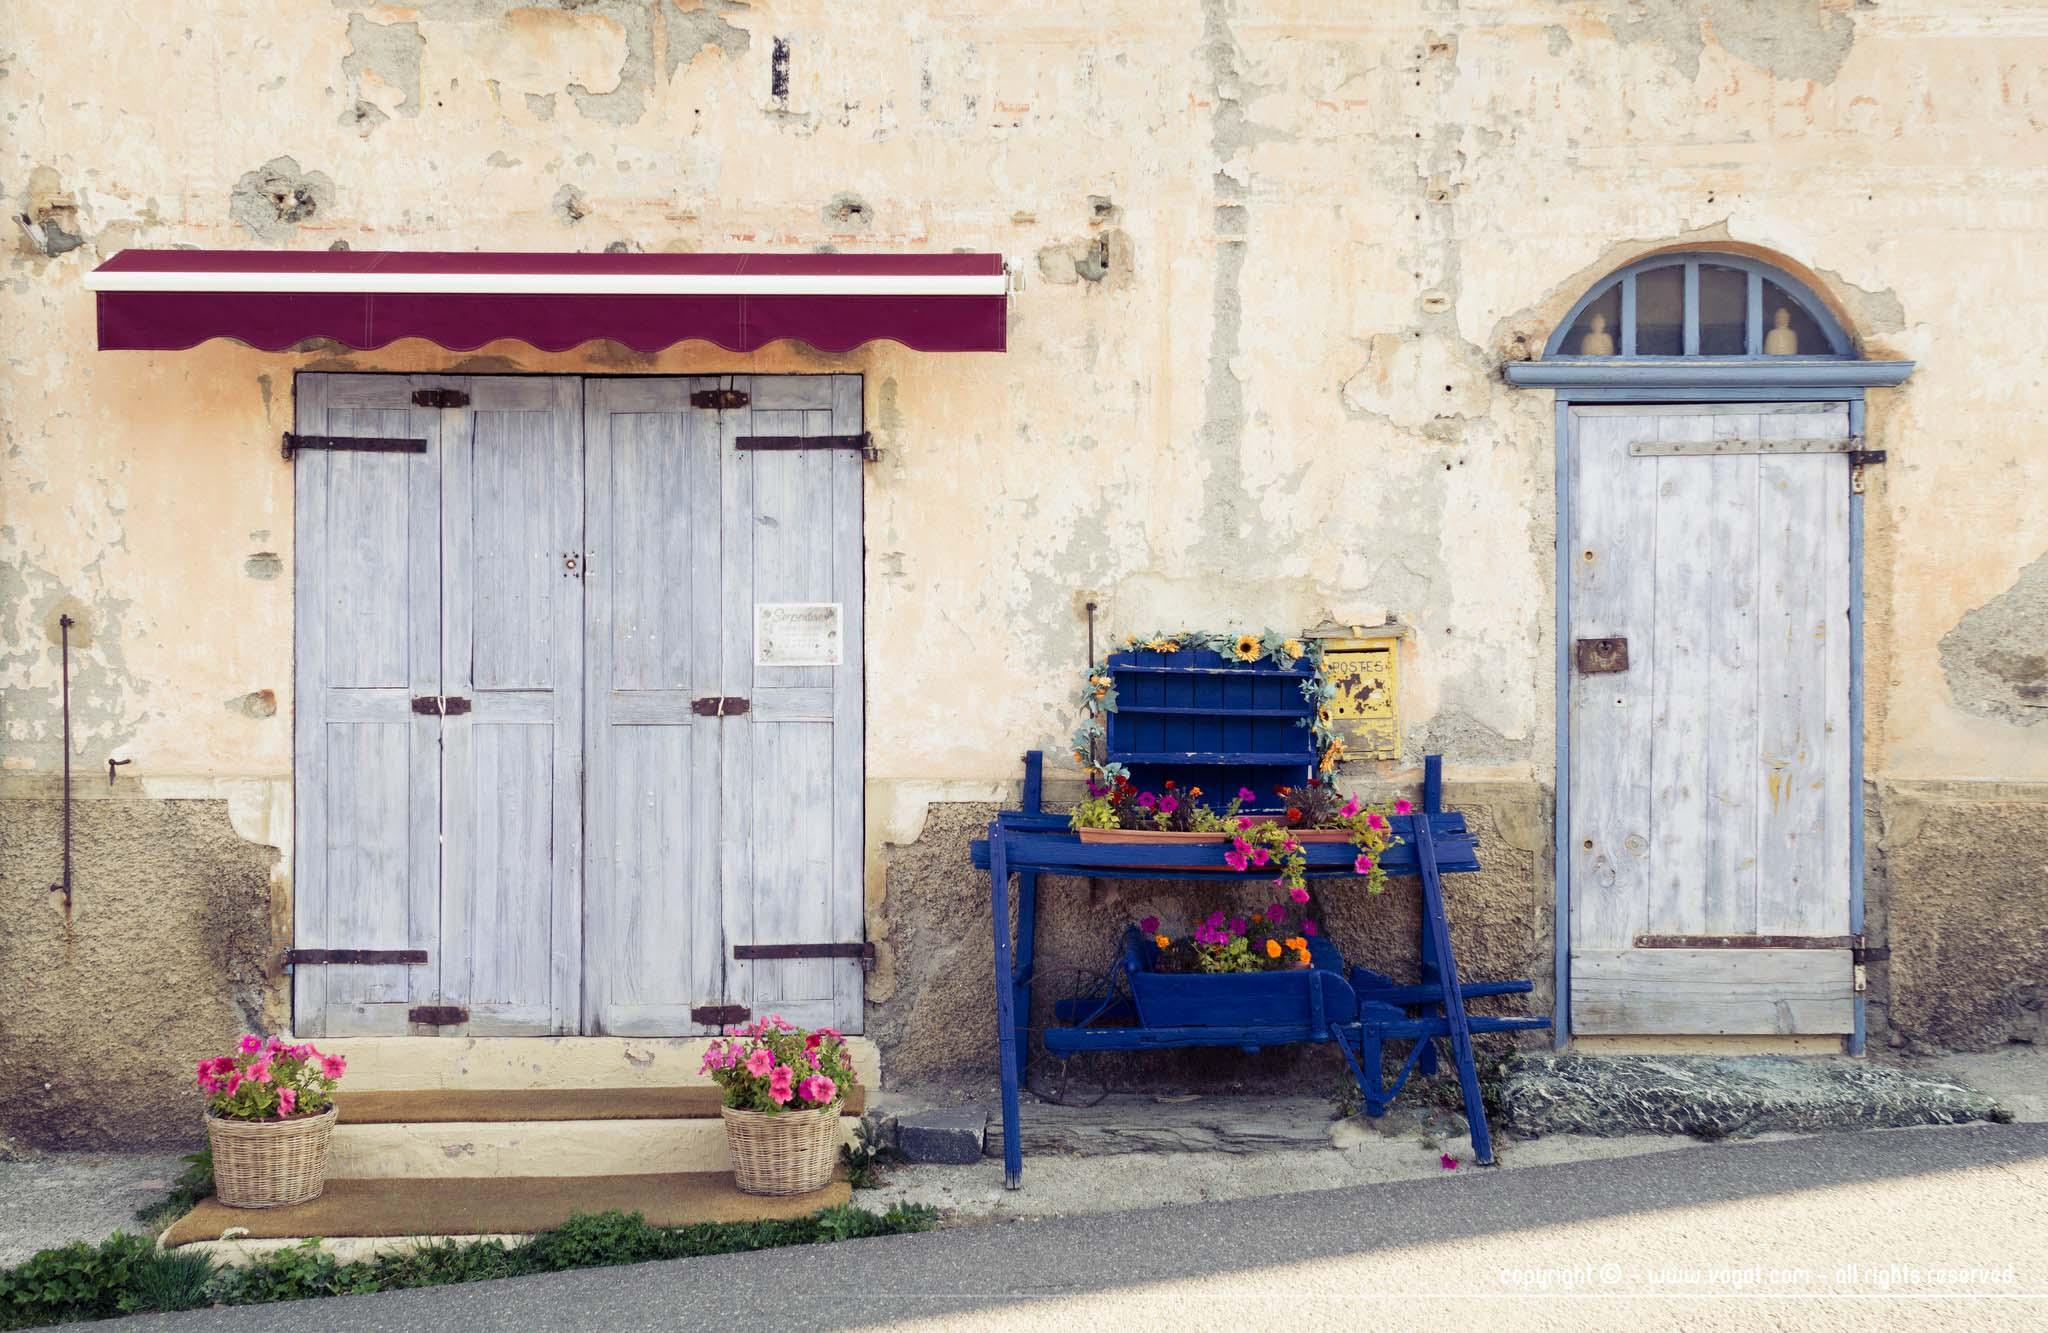 Saint-Véran - façade d'une boutique encore fermée avec des jardinières bleues